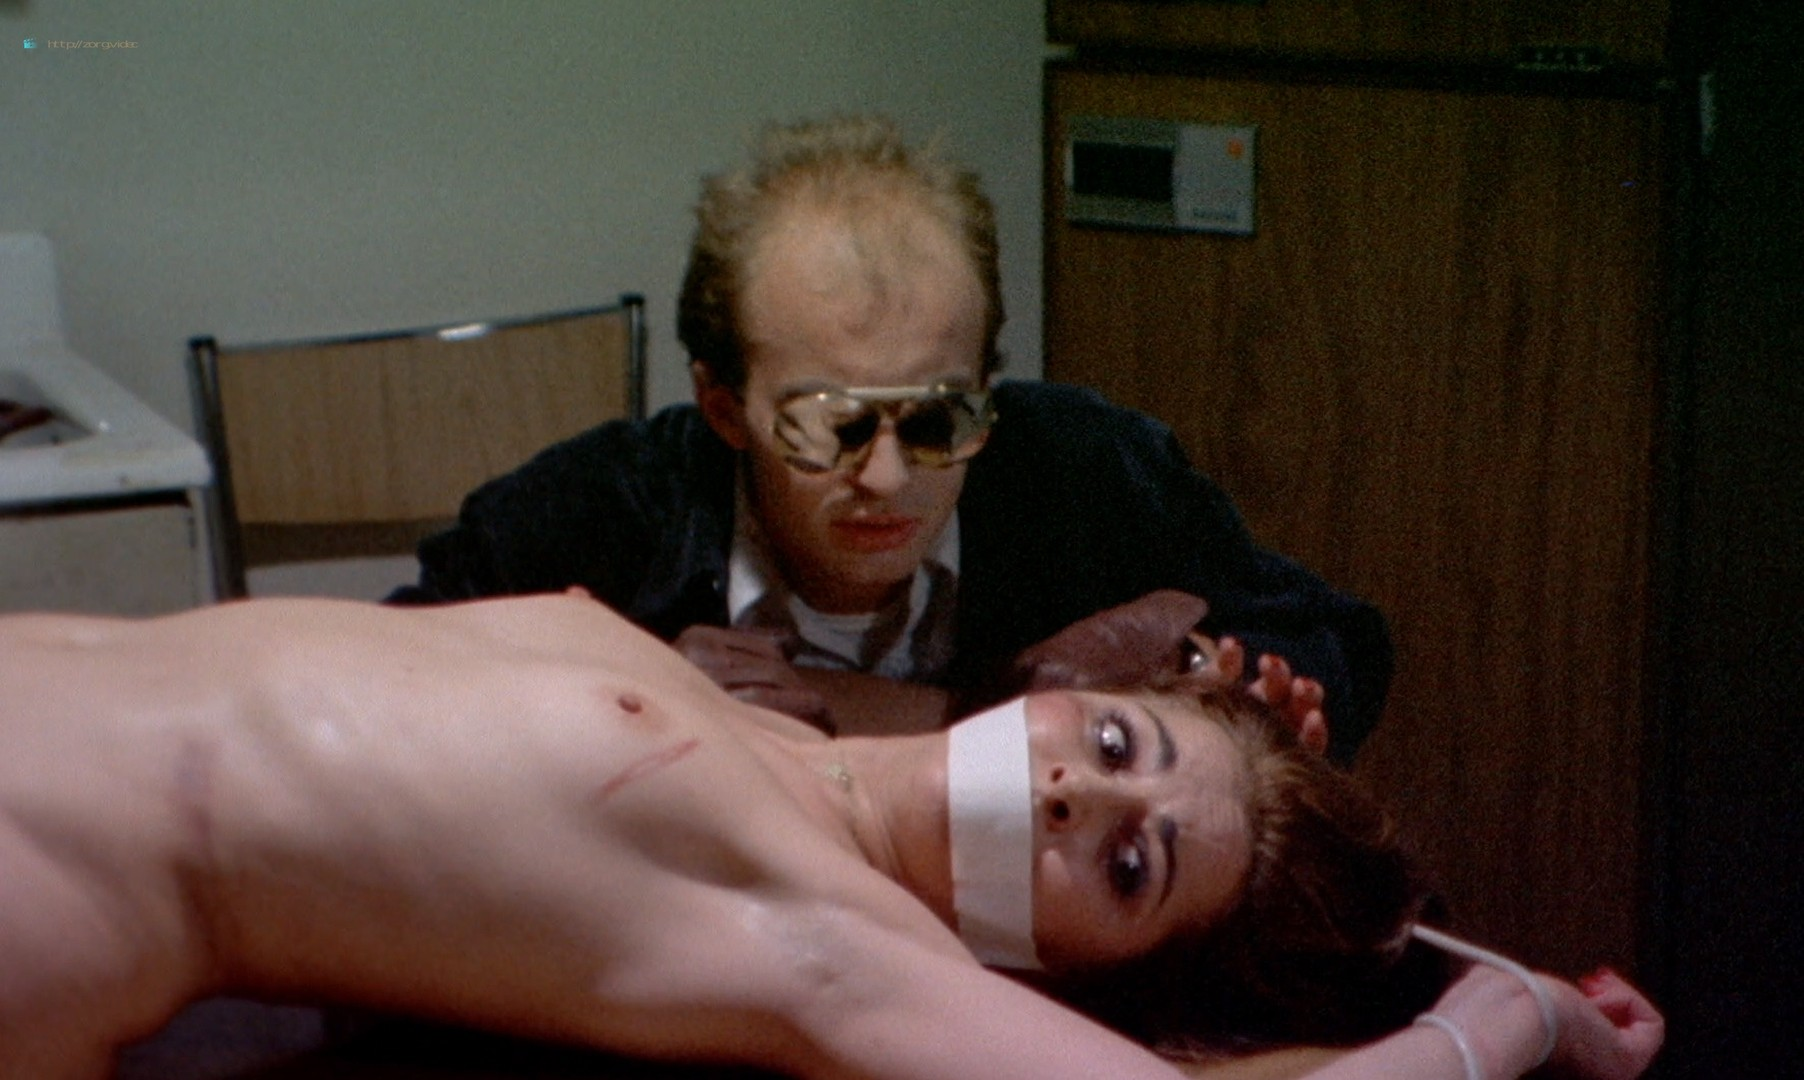 Leonora Fani nude full frontal Mariangela Giordano bush and hot sex - Giallo a venezia (1979) HD 1080p BluRay REMUX (5)